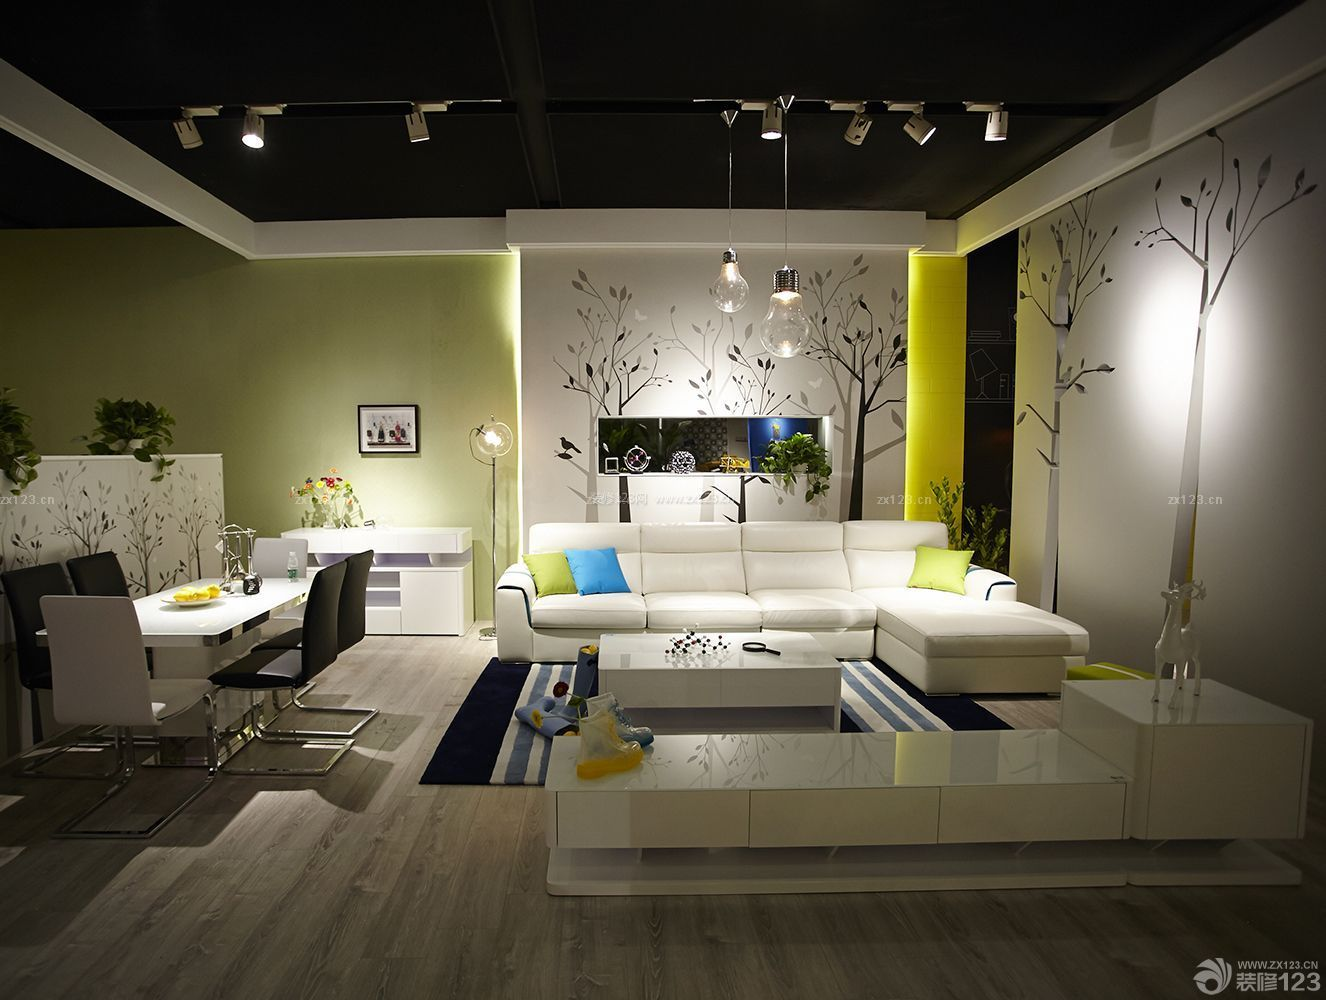 现代时尚简约风格三房客厅装修样板房